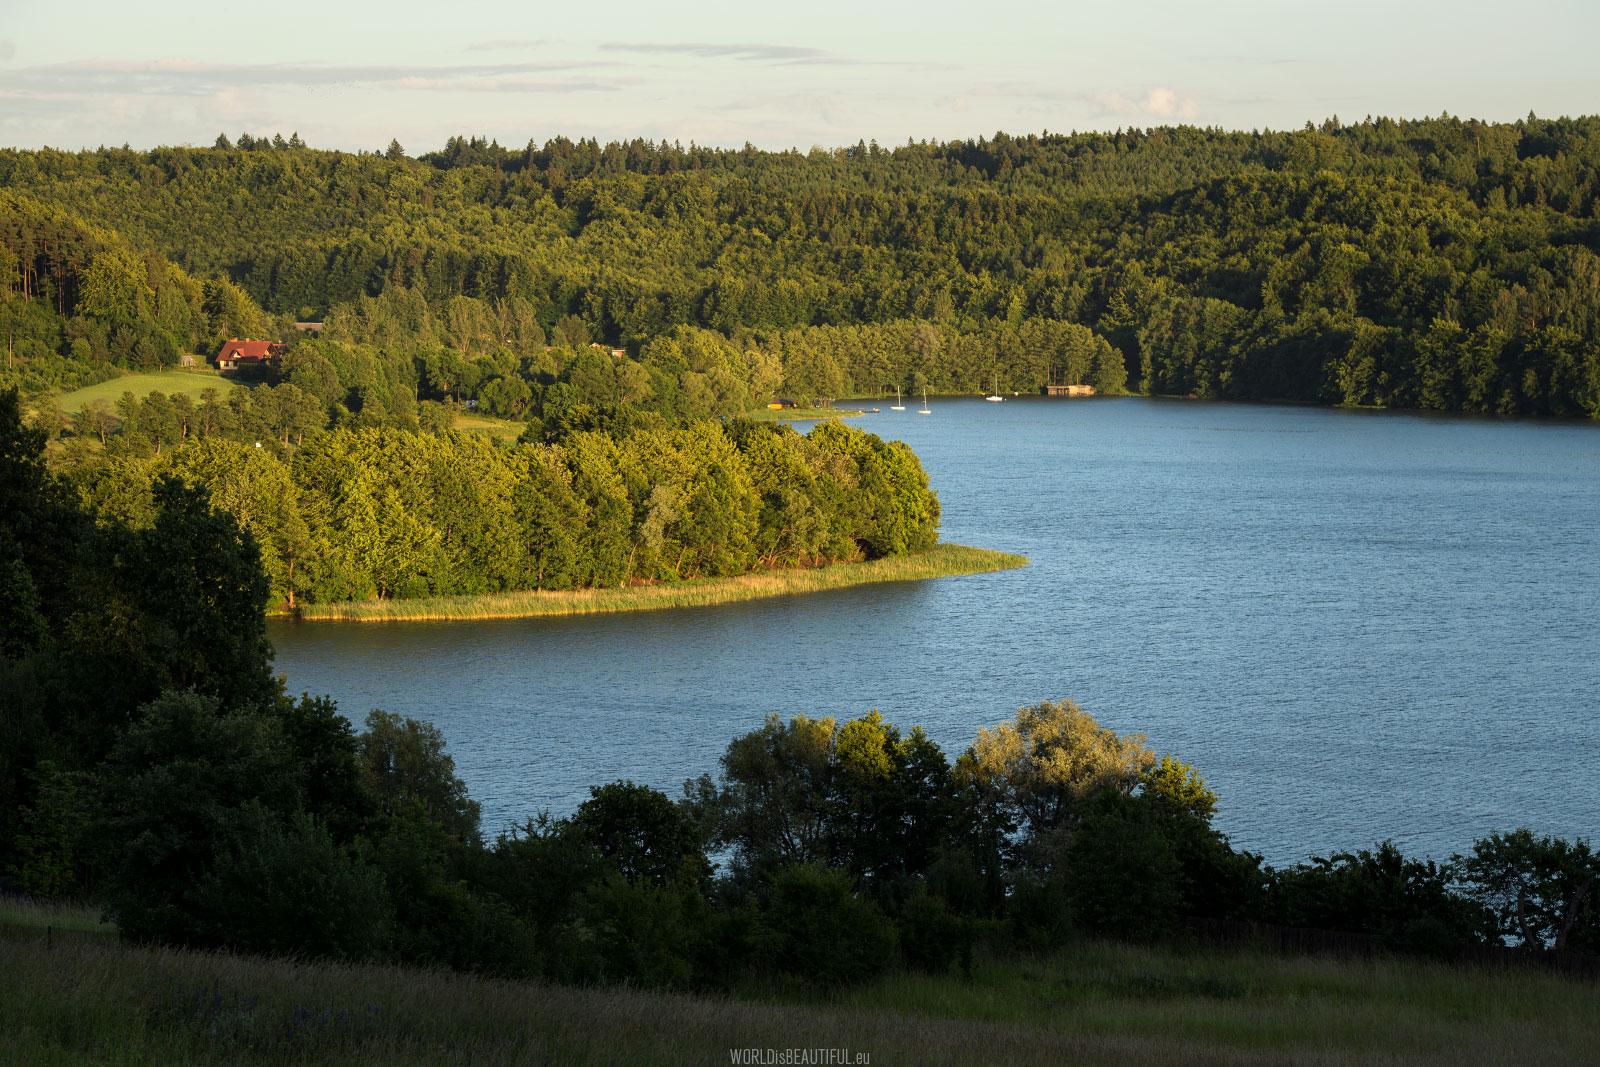 Ostrzyckie Lake in Poland